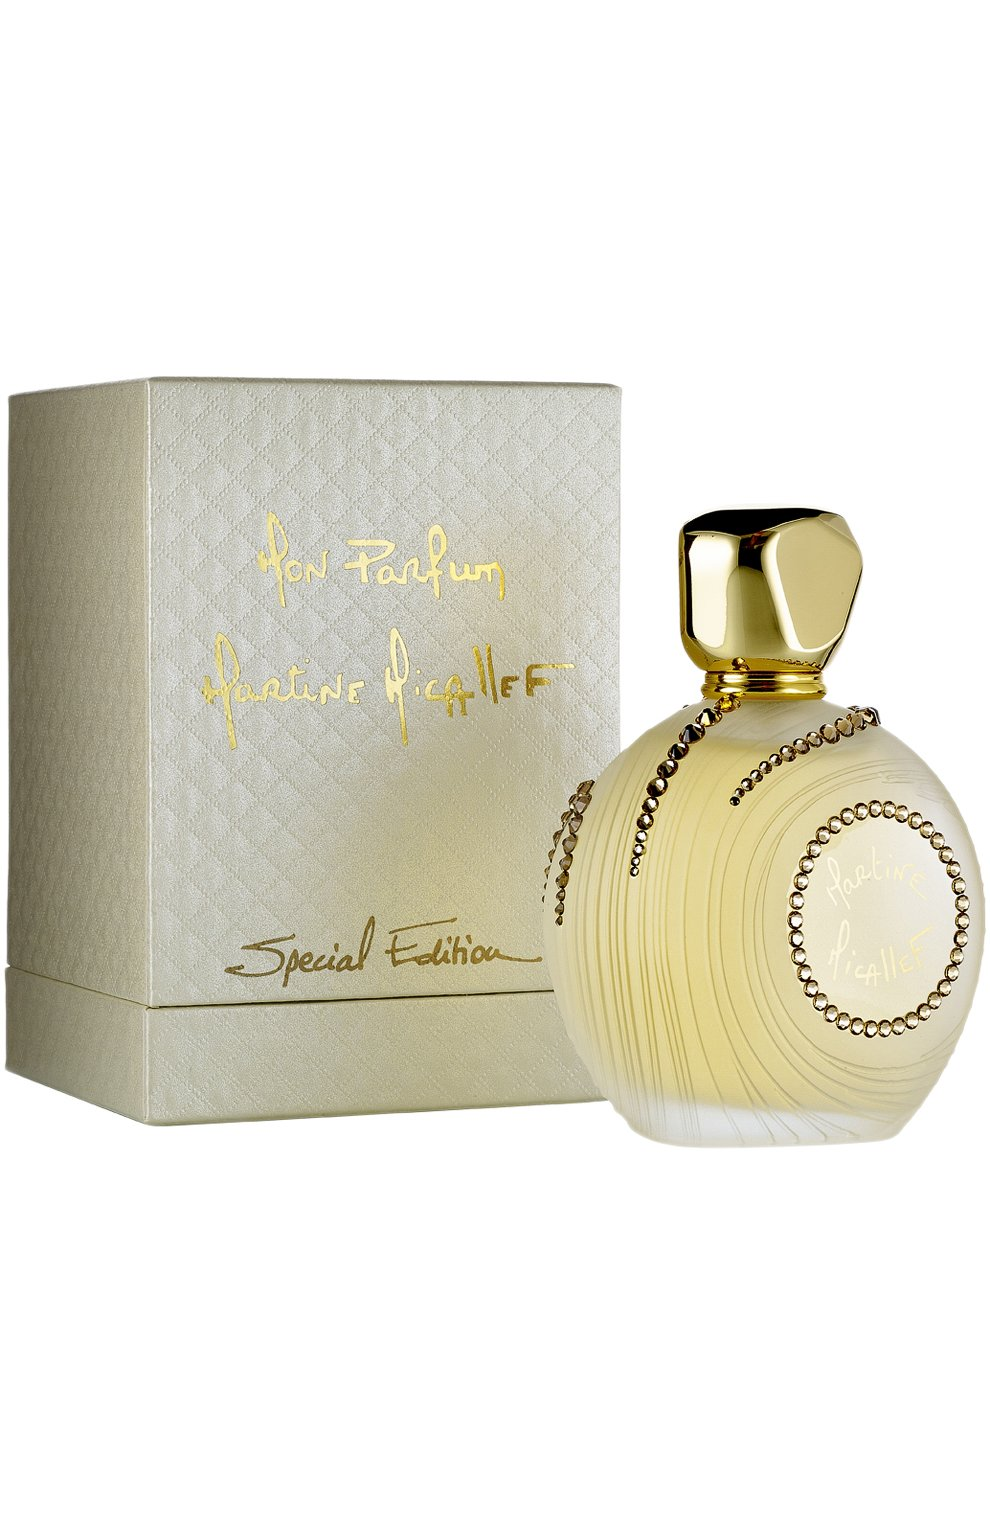 Парфюмерная вода mon parfum special edition (100ml) M. MICALLEF бесцветного цвета, арт. 3760060778147   Фото 1 (Статус проверки: Проверена категория; Ограничения доставки: flammable)